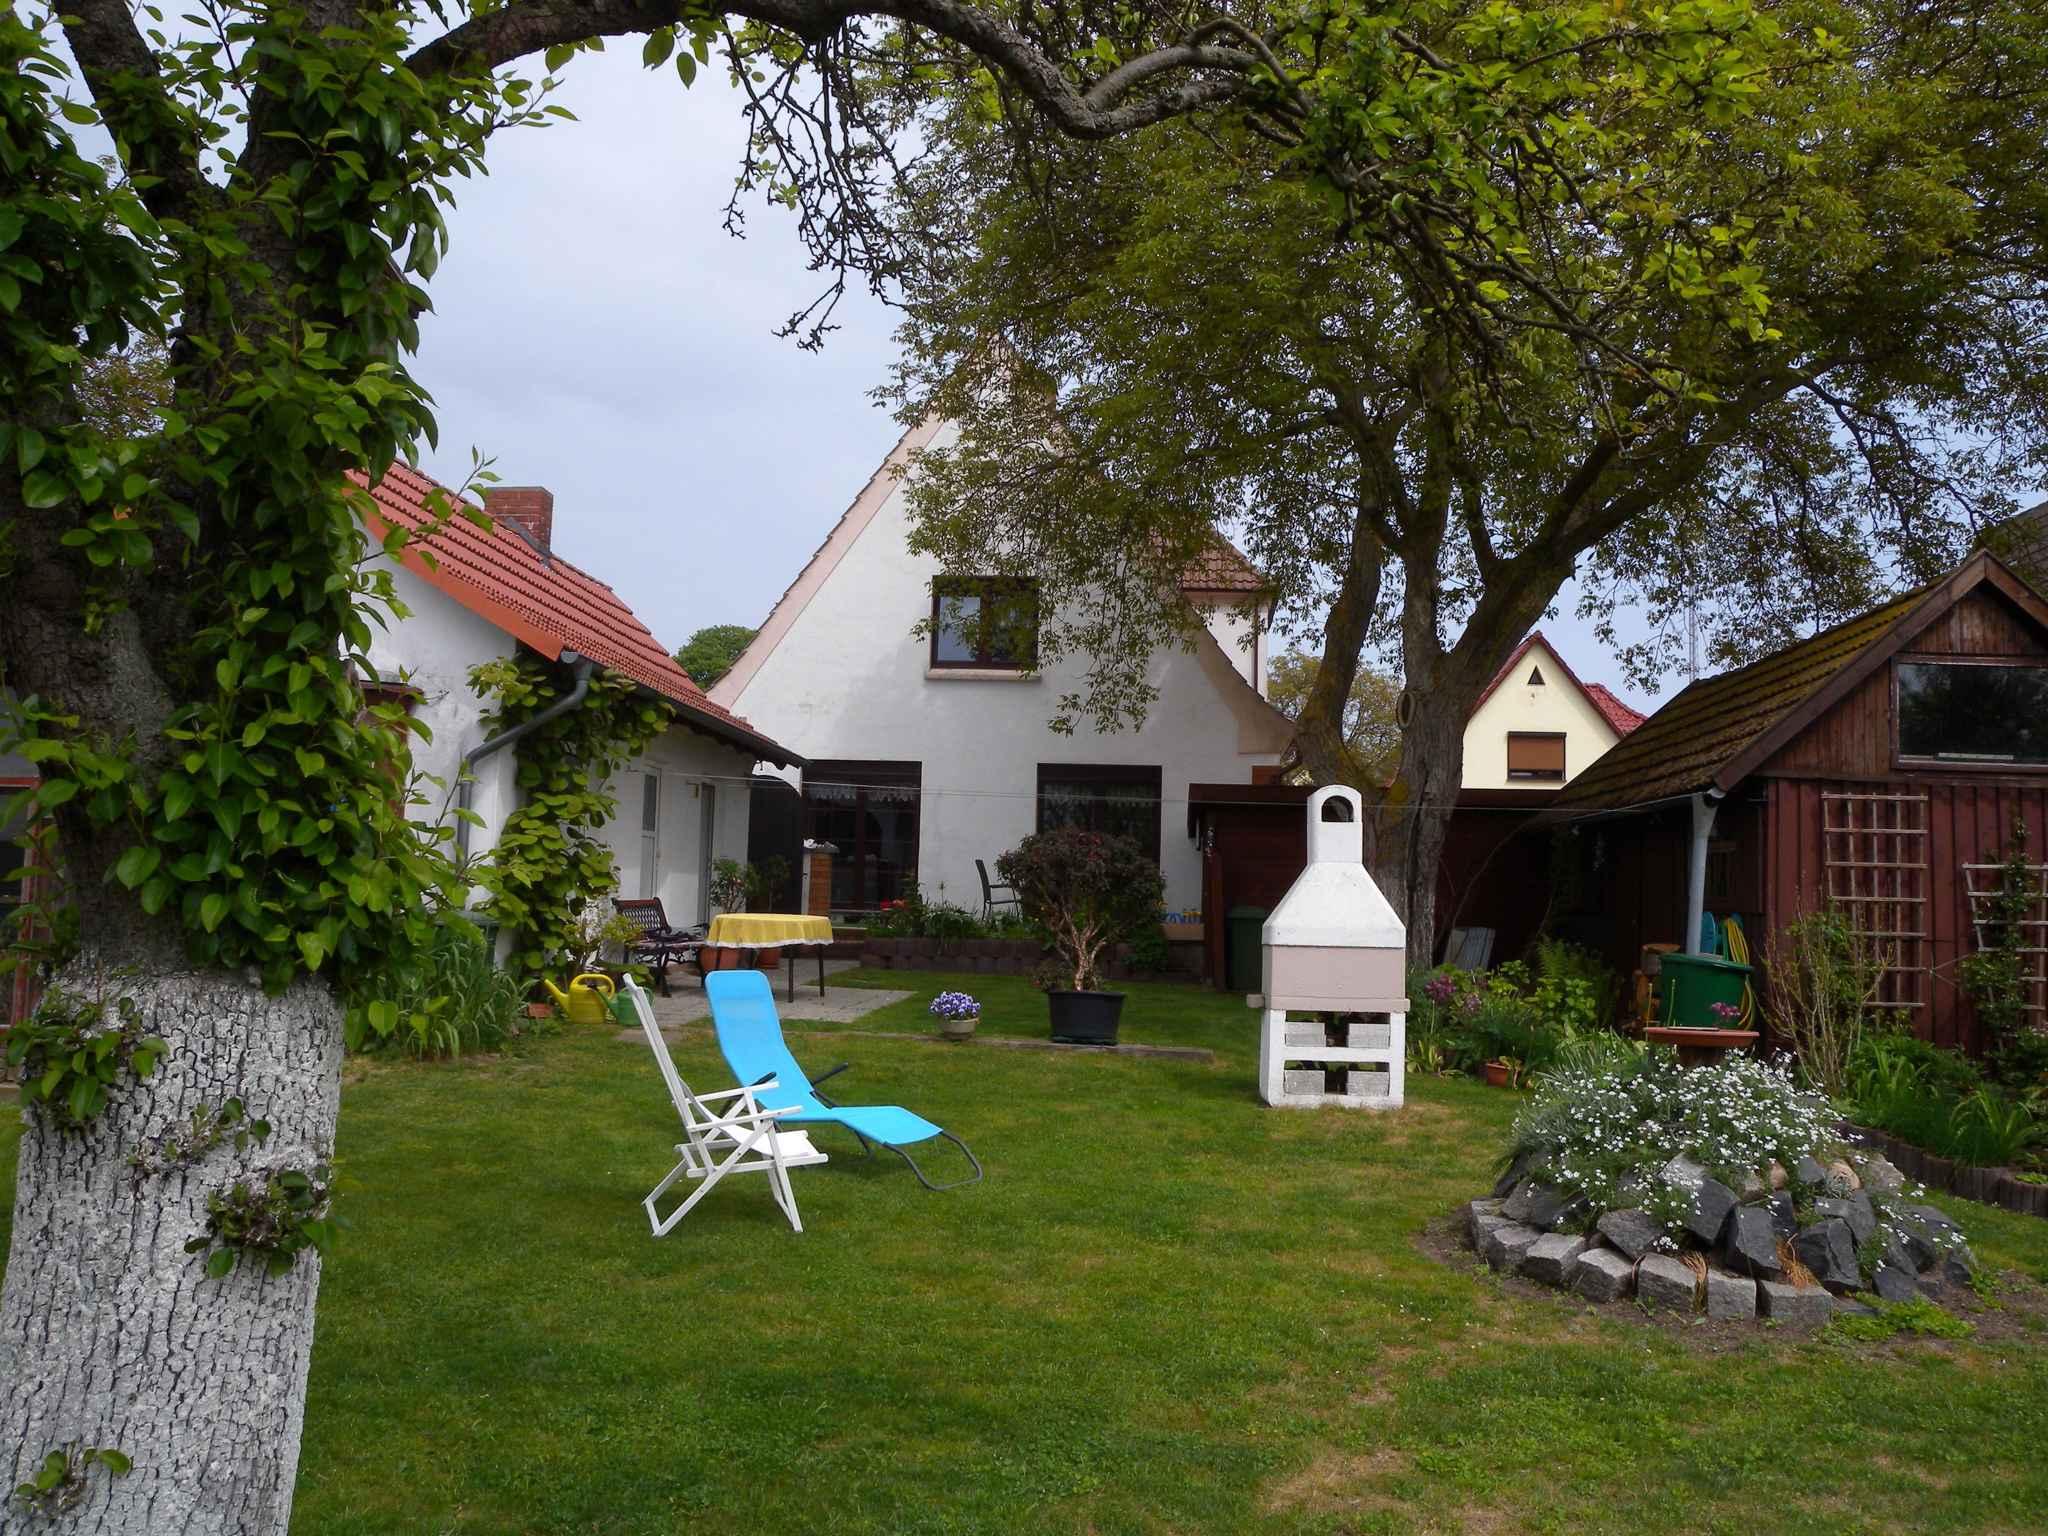 Ferienwohnung mit Terrasse und Garten (311984), Bergen (Rügen), Rügen, Mecklenburg-Vorpommern, Deutschland, Bild 2